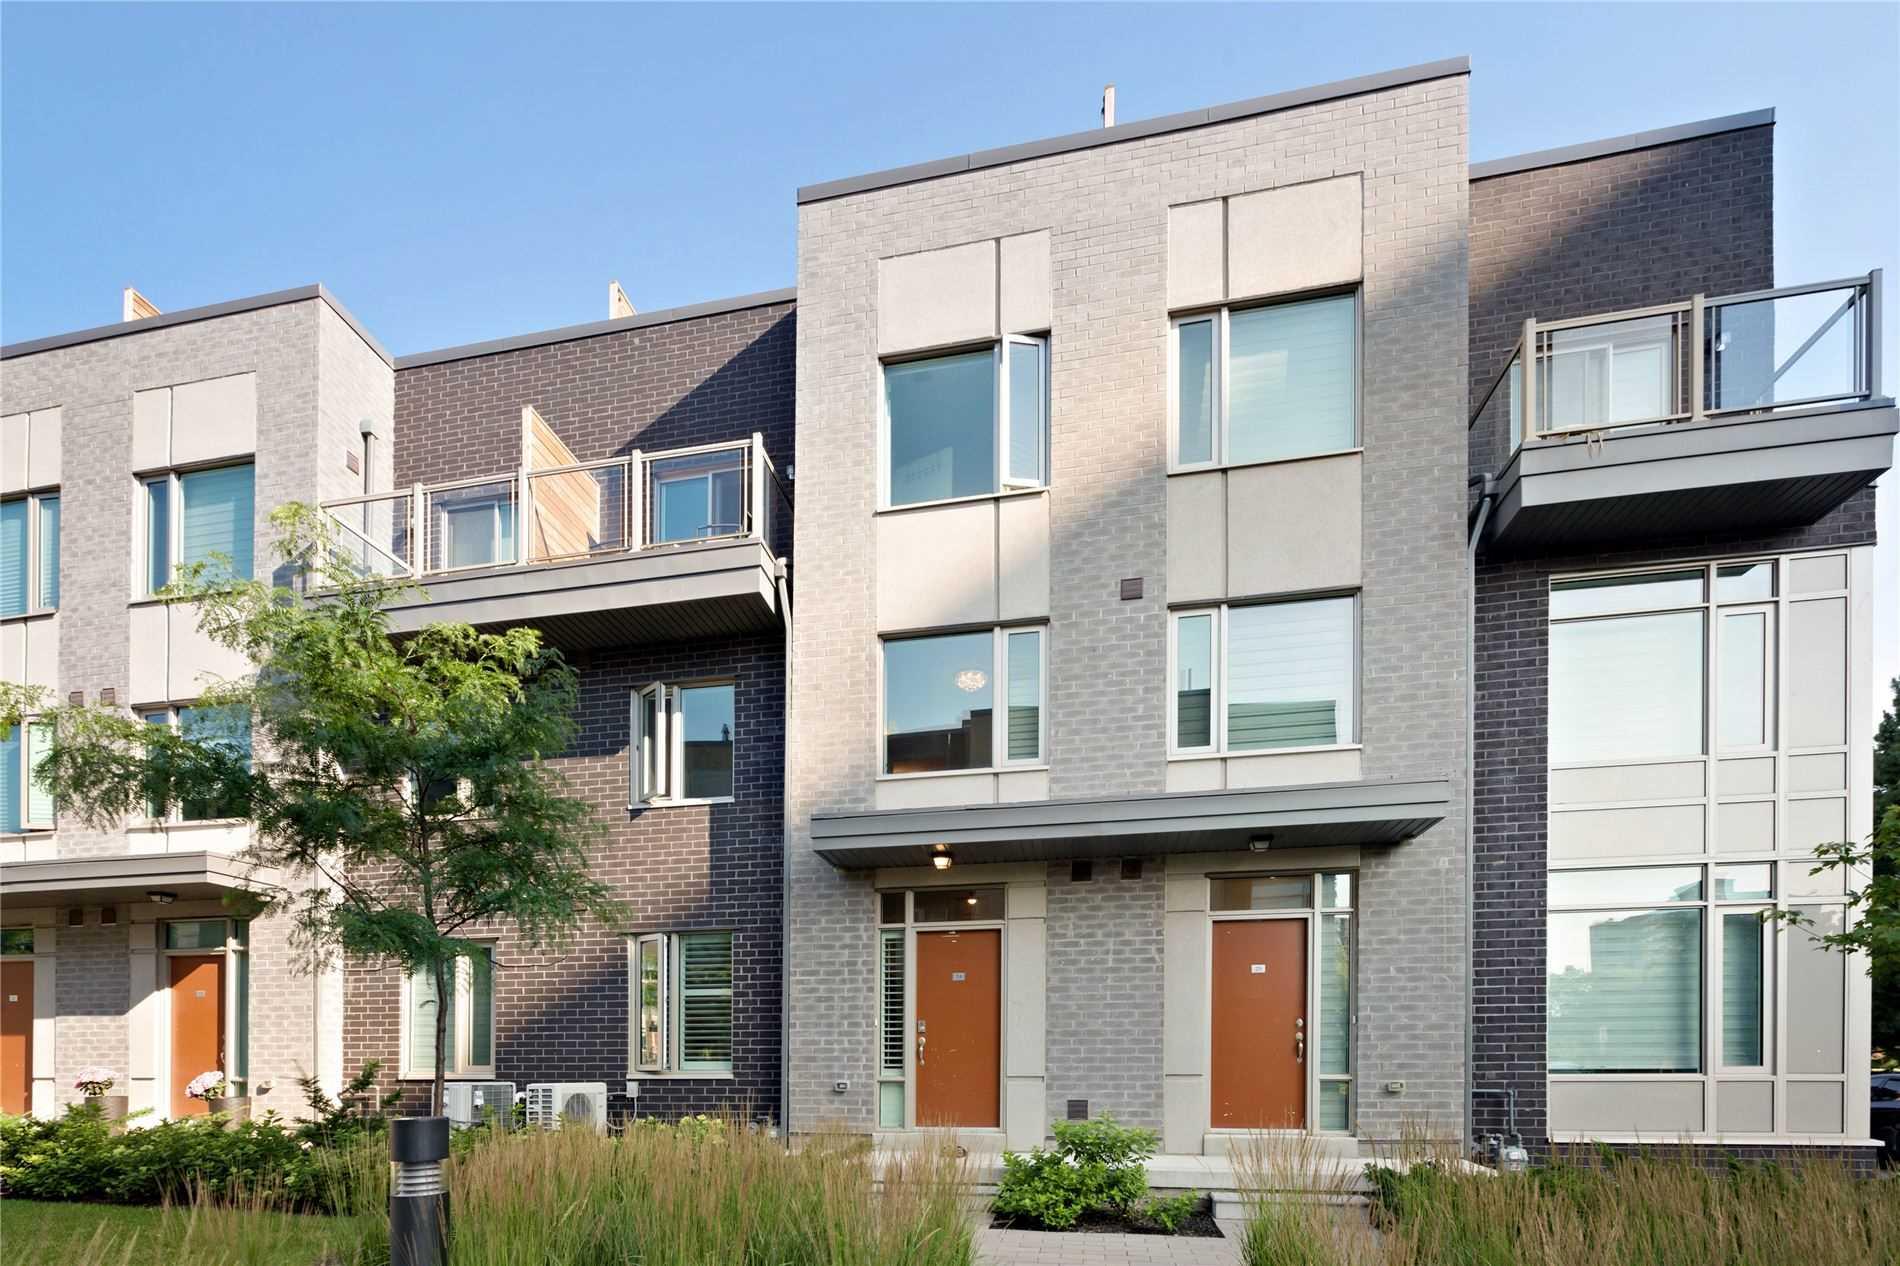 24 - 18 Applewood Lane, Toronto, M9C 0C1